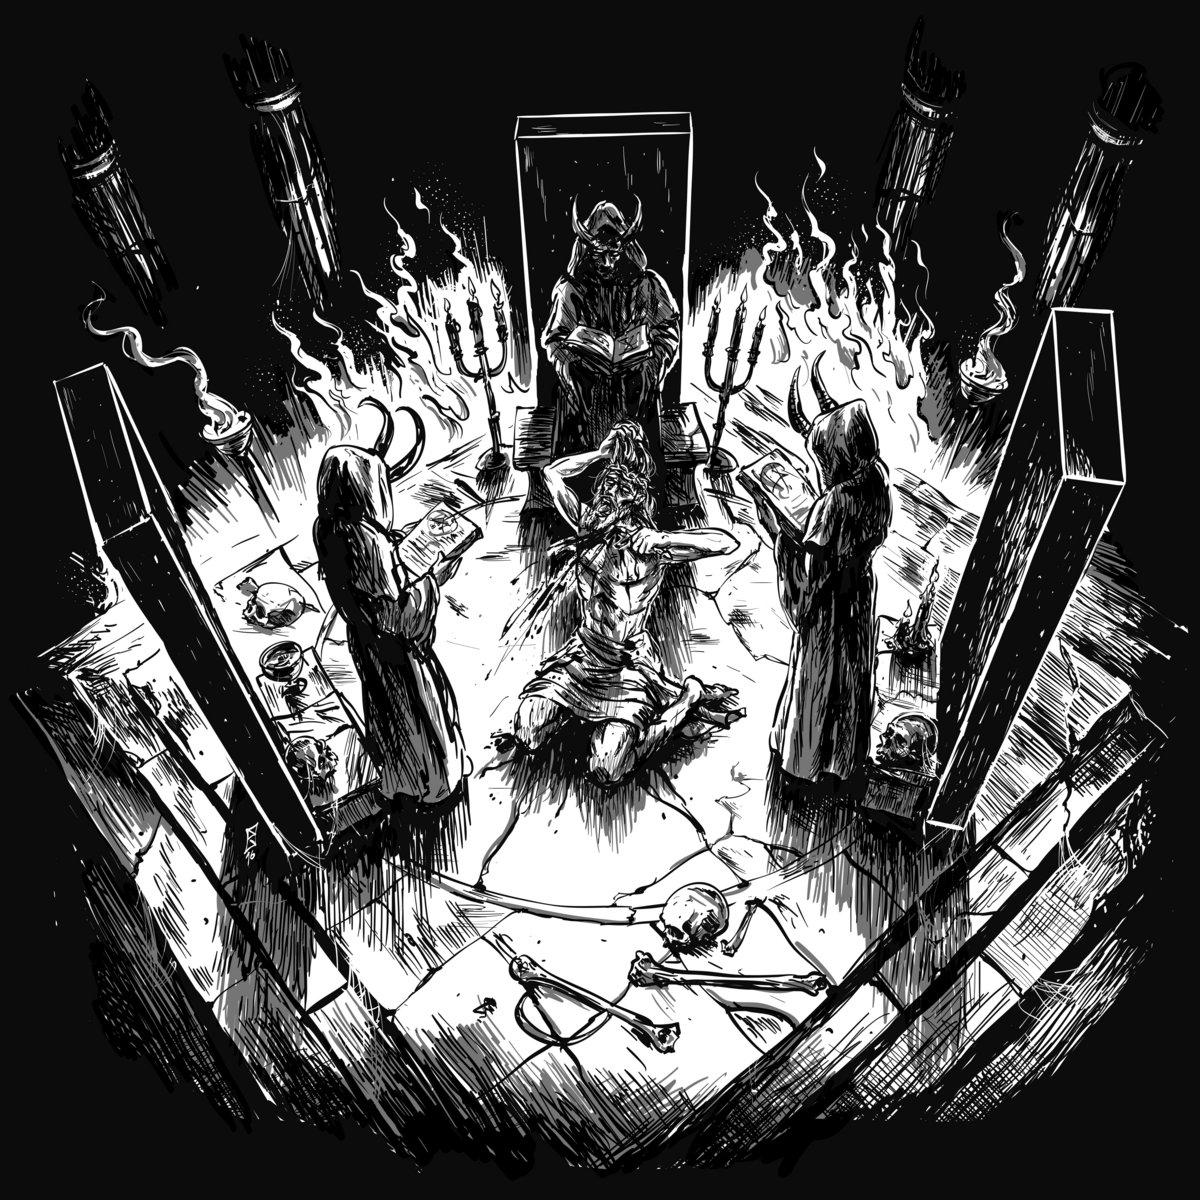 Sepulchral Chants of Self-Destruction | Helter Skelter